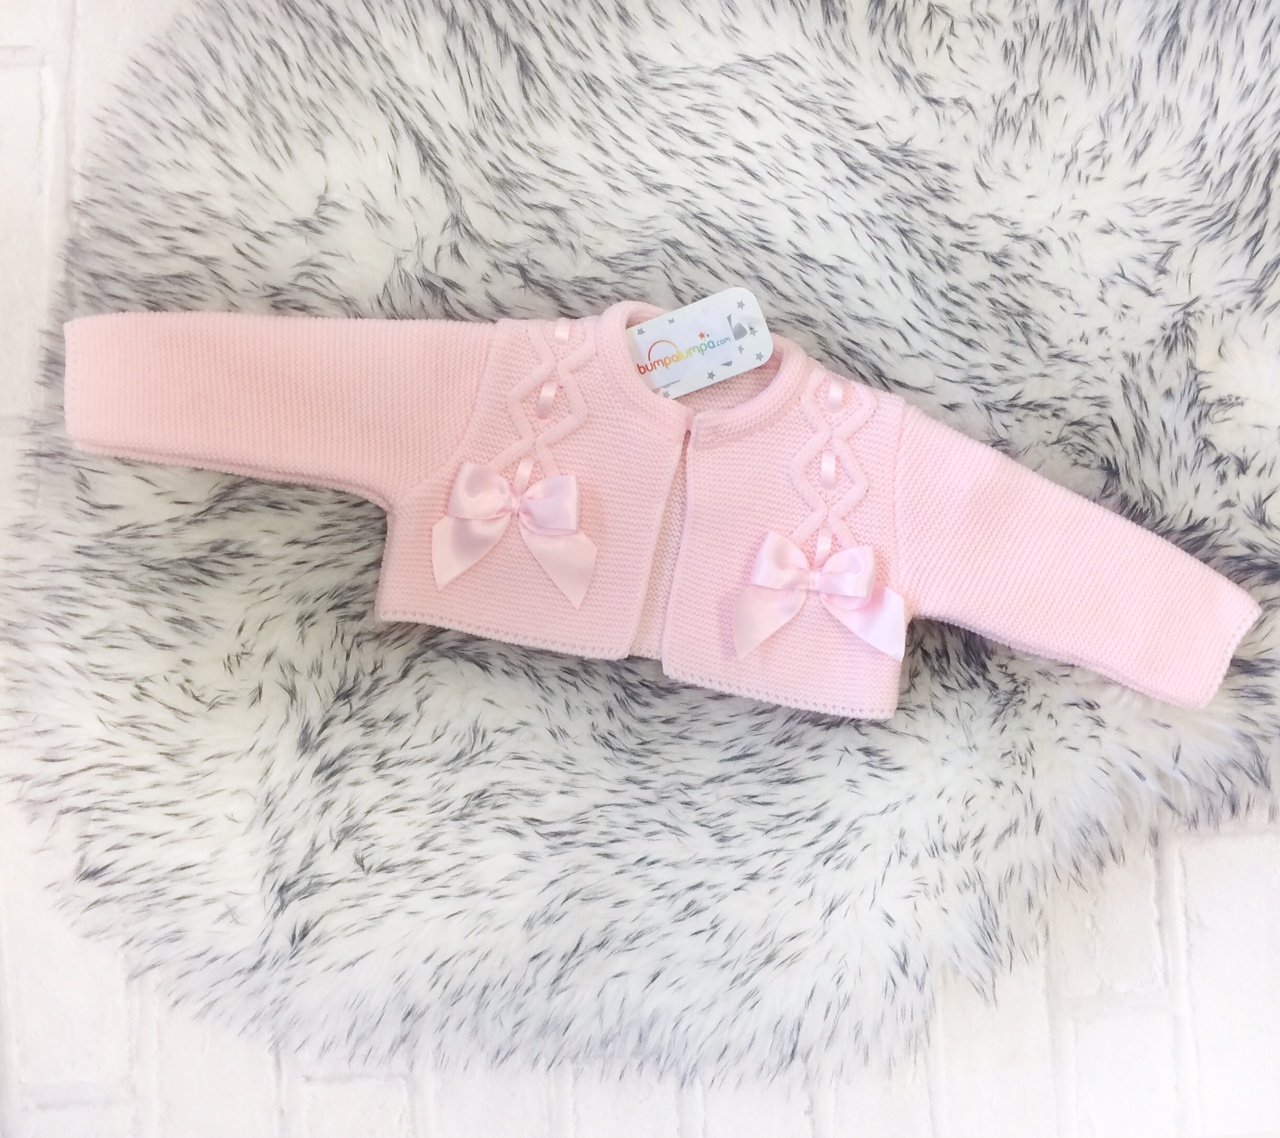 daa70c7c7 Baby Girls Pink Bolero Cardigan